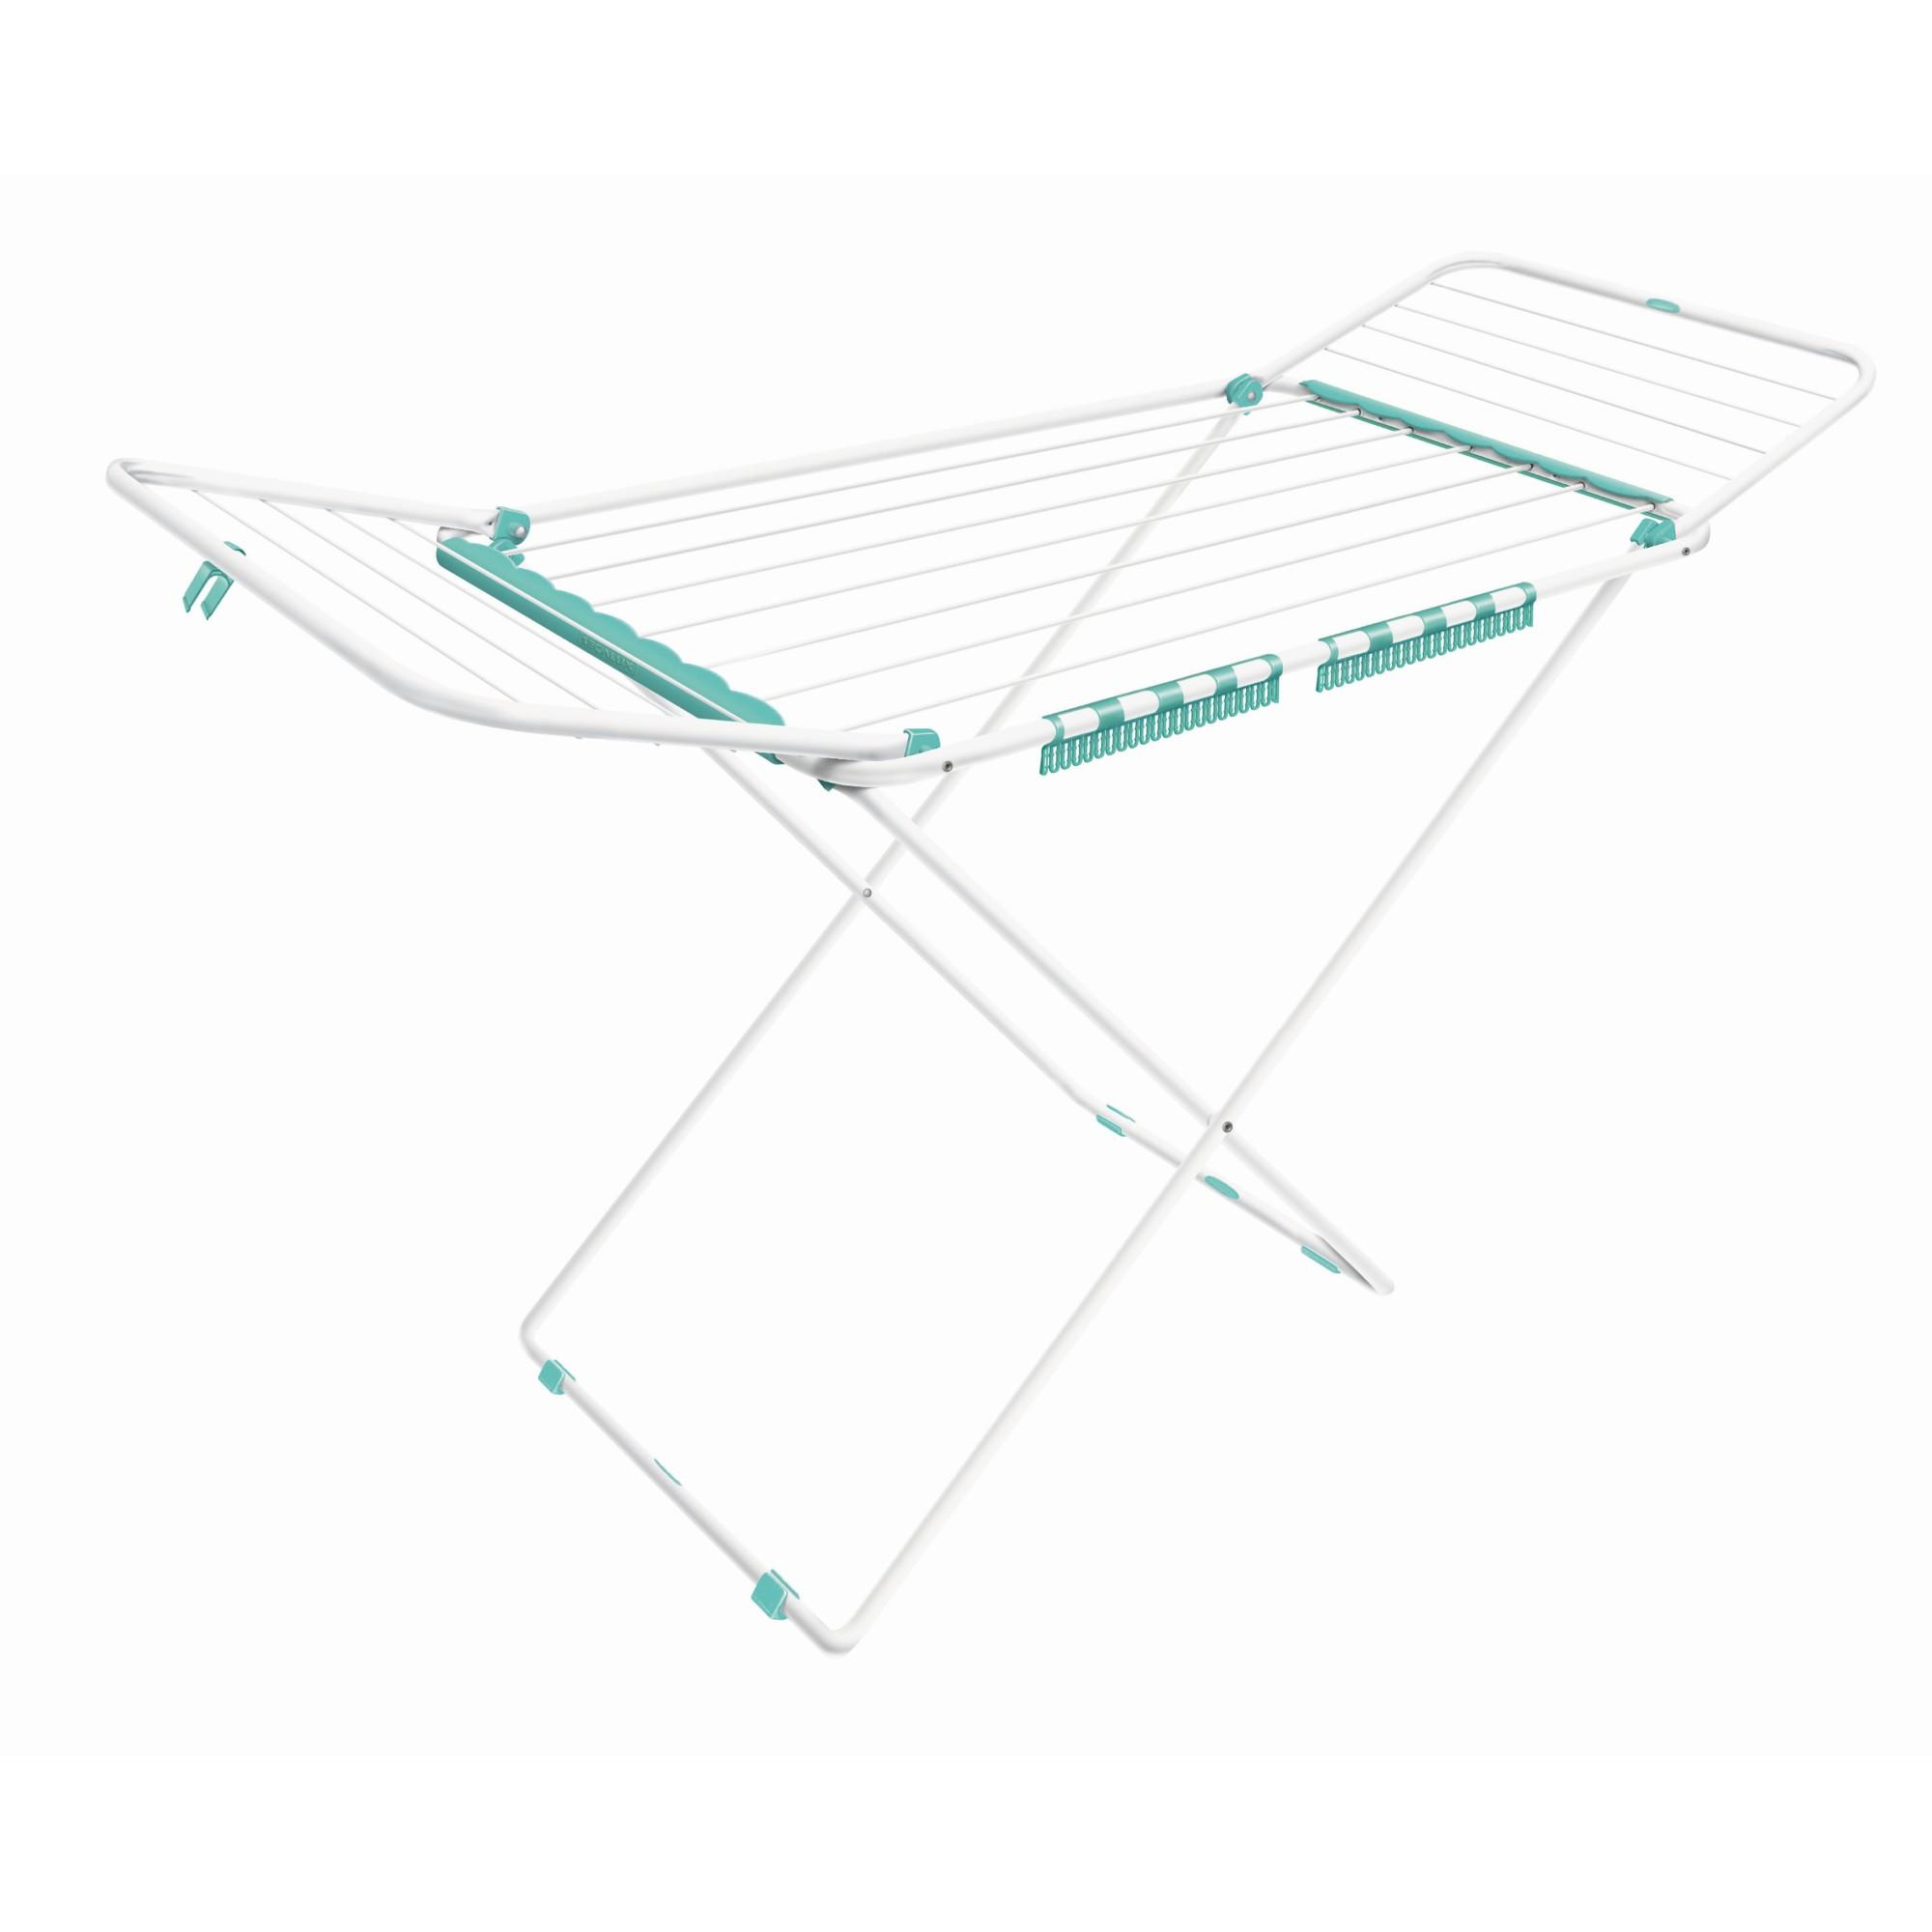 Varal de Piso Dobravel com Abas 123x56cm Branco - Secalux